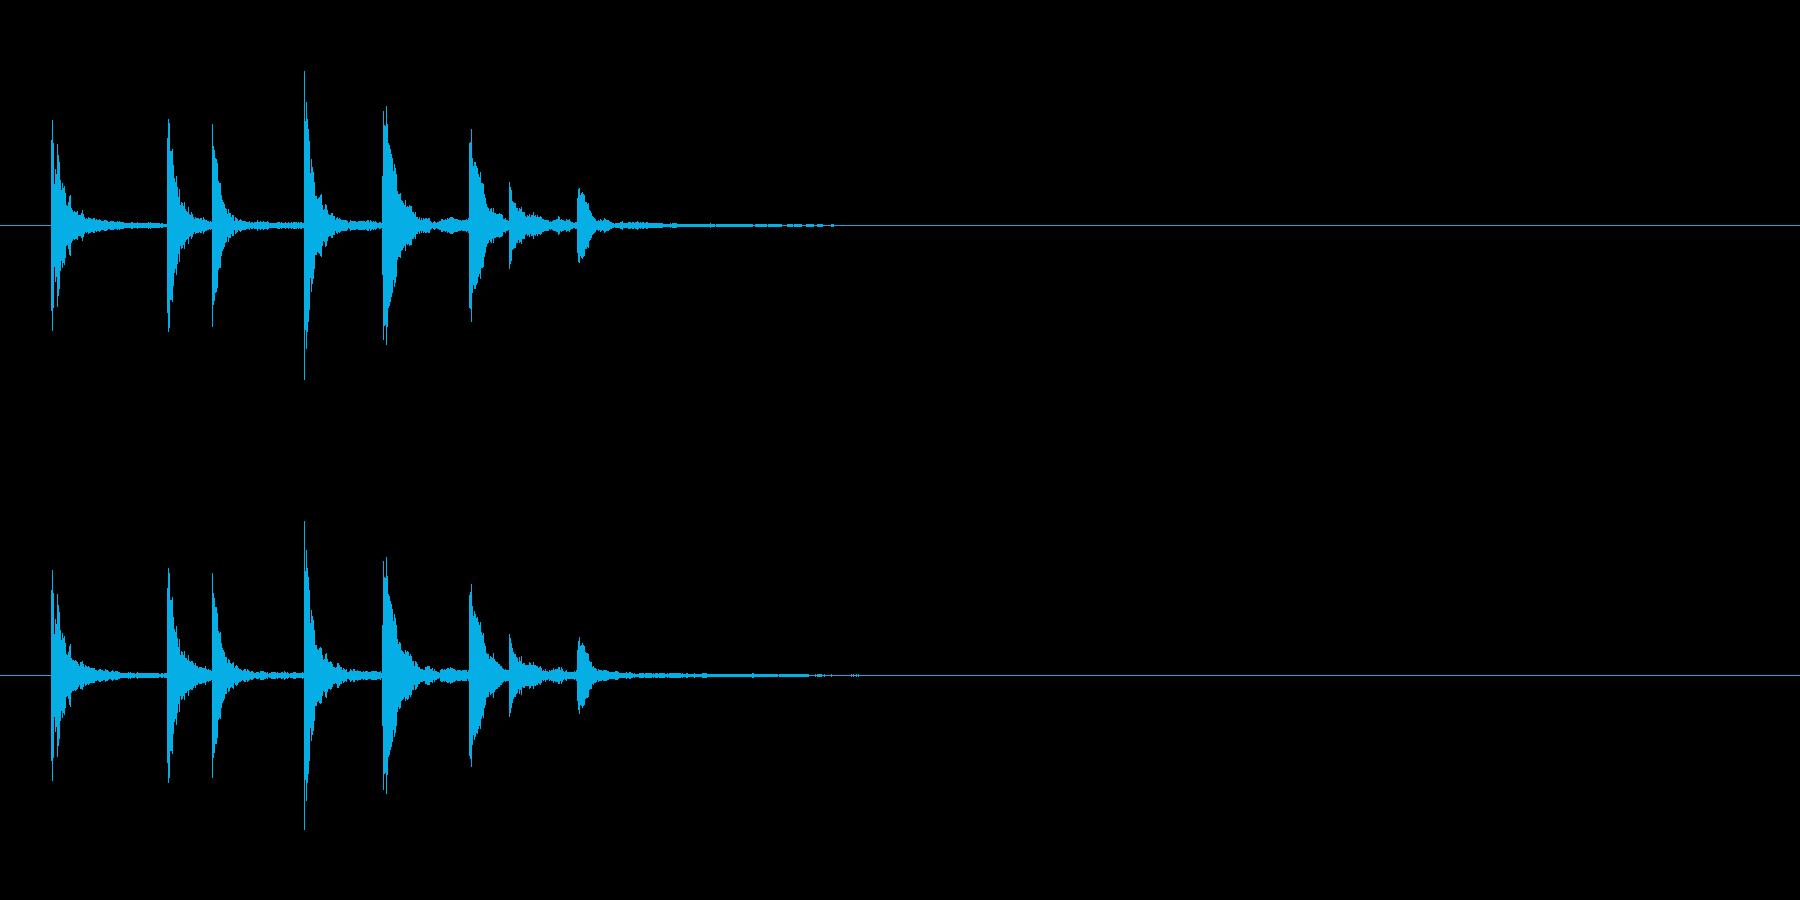 物が落ちる音 7の再生済みの波形